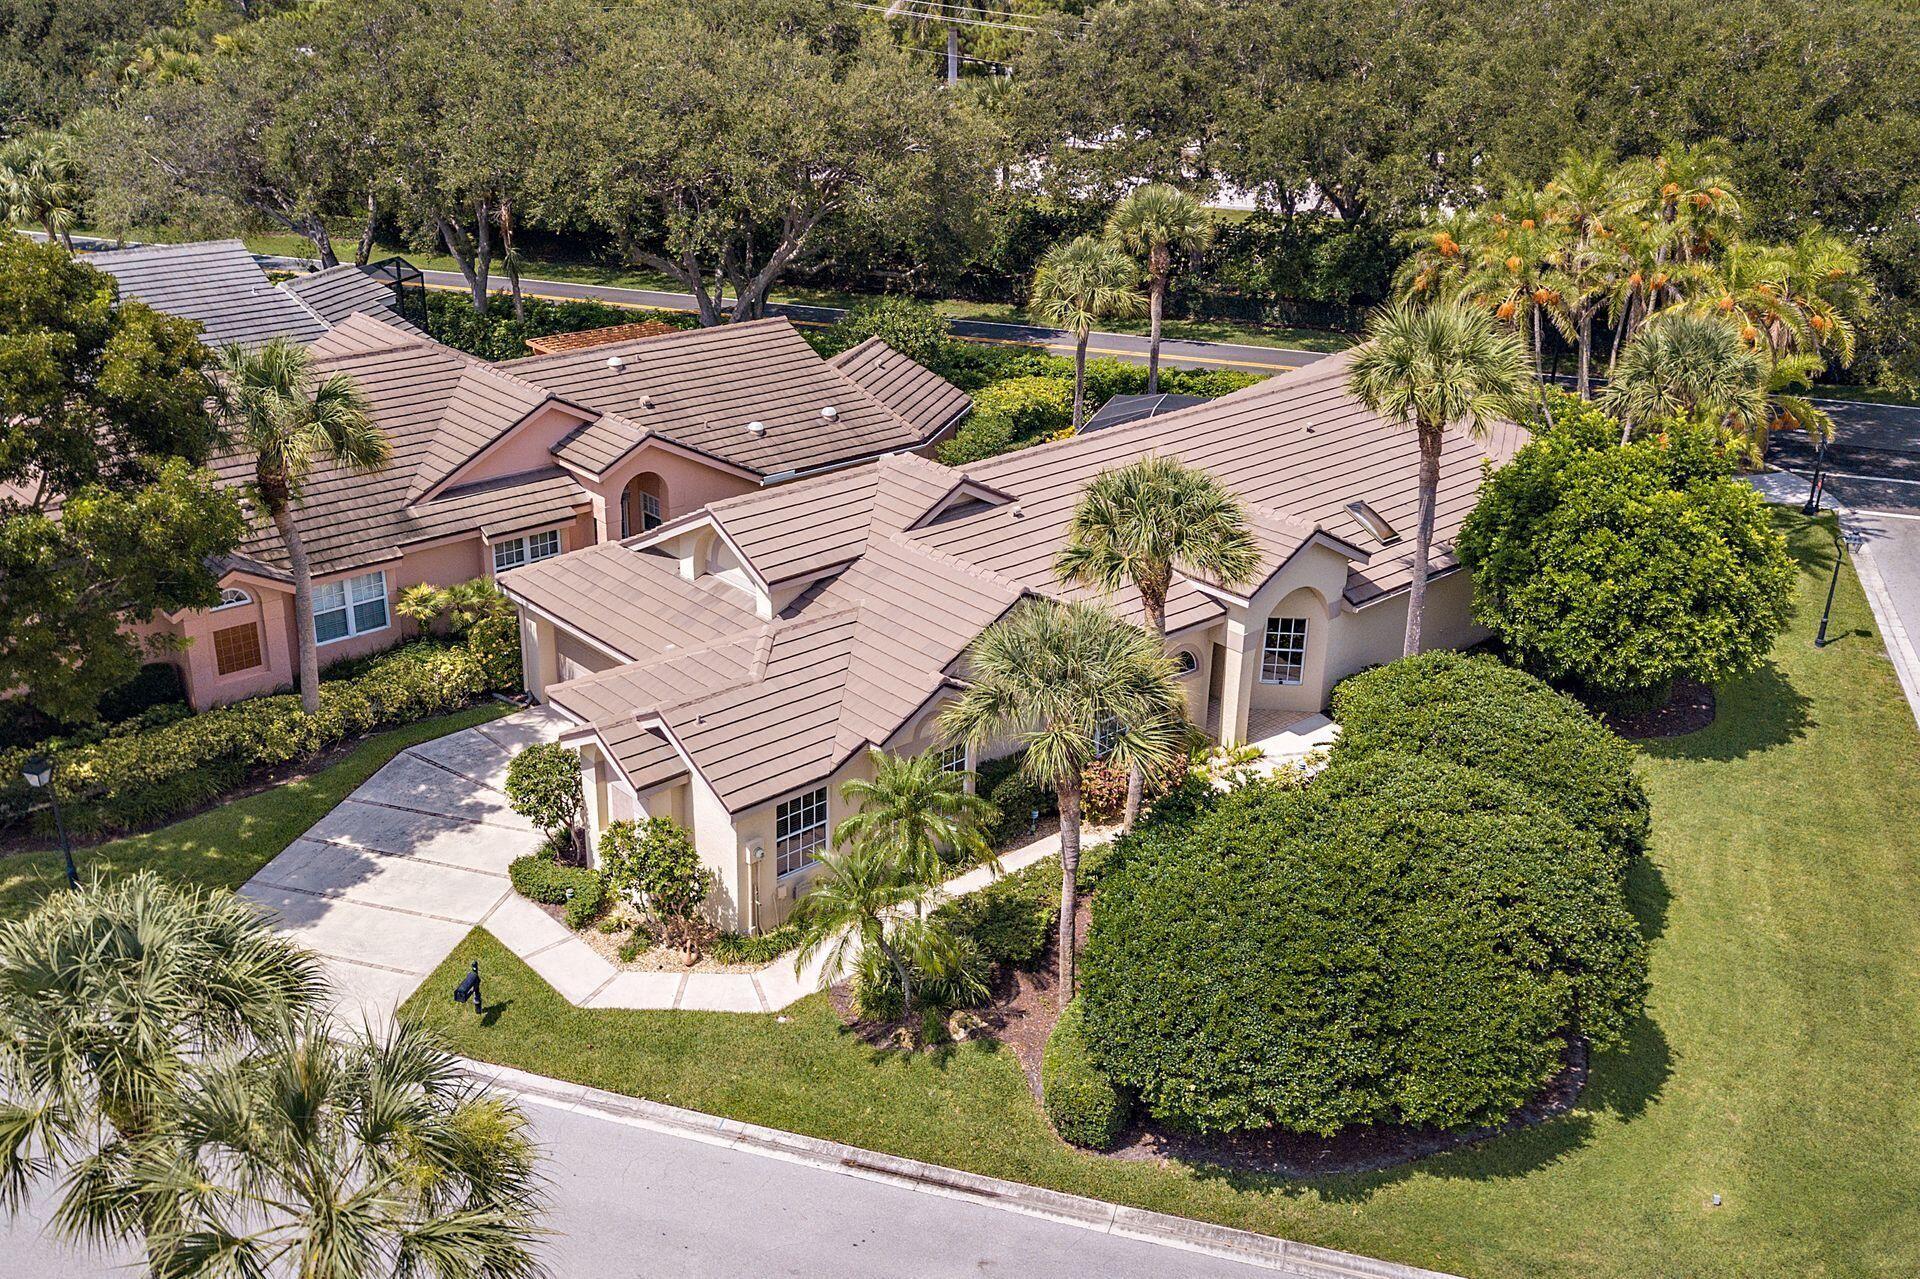 Photo of 16521 Riverwind Court, Jupiter, FL 33477 (MLS # RX-10744536)